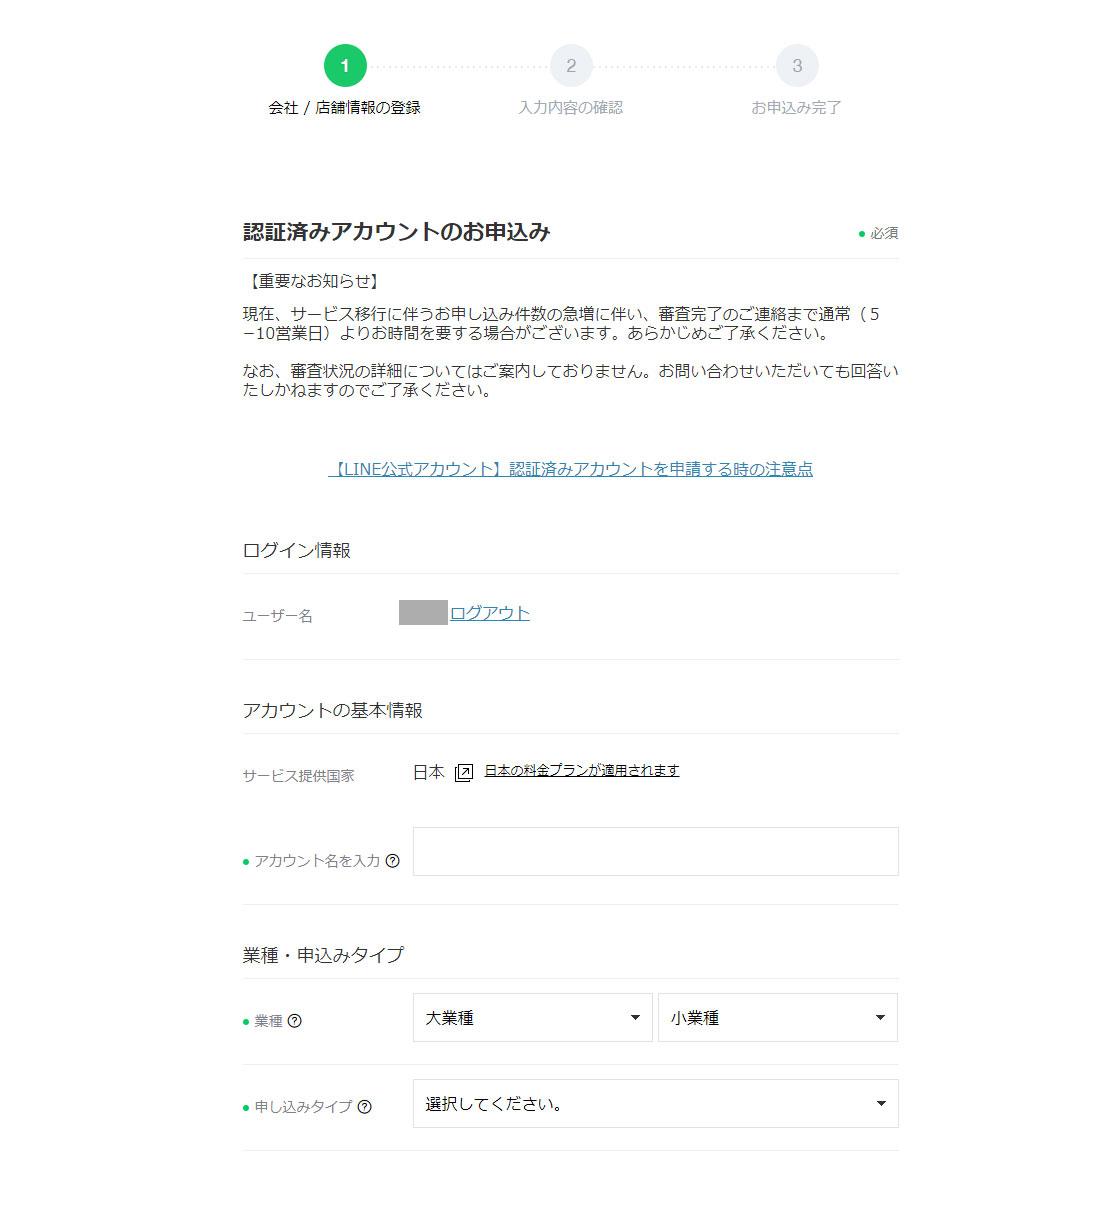 LINE申込み・登録画面